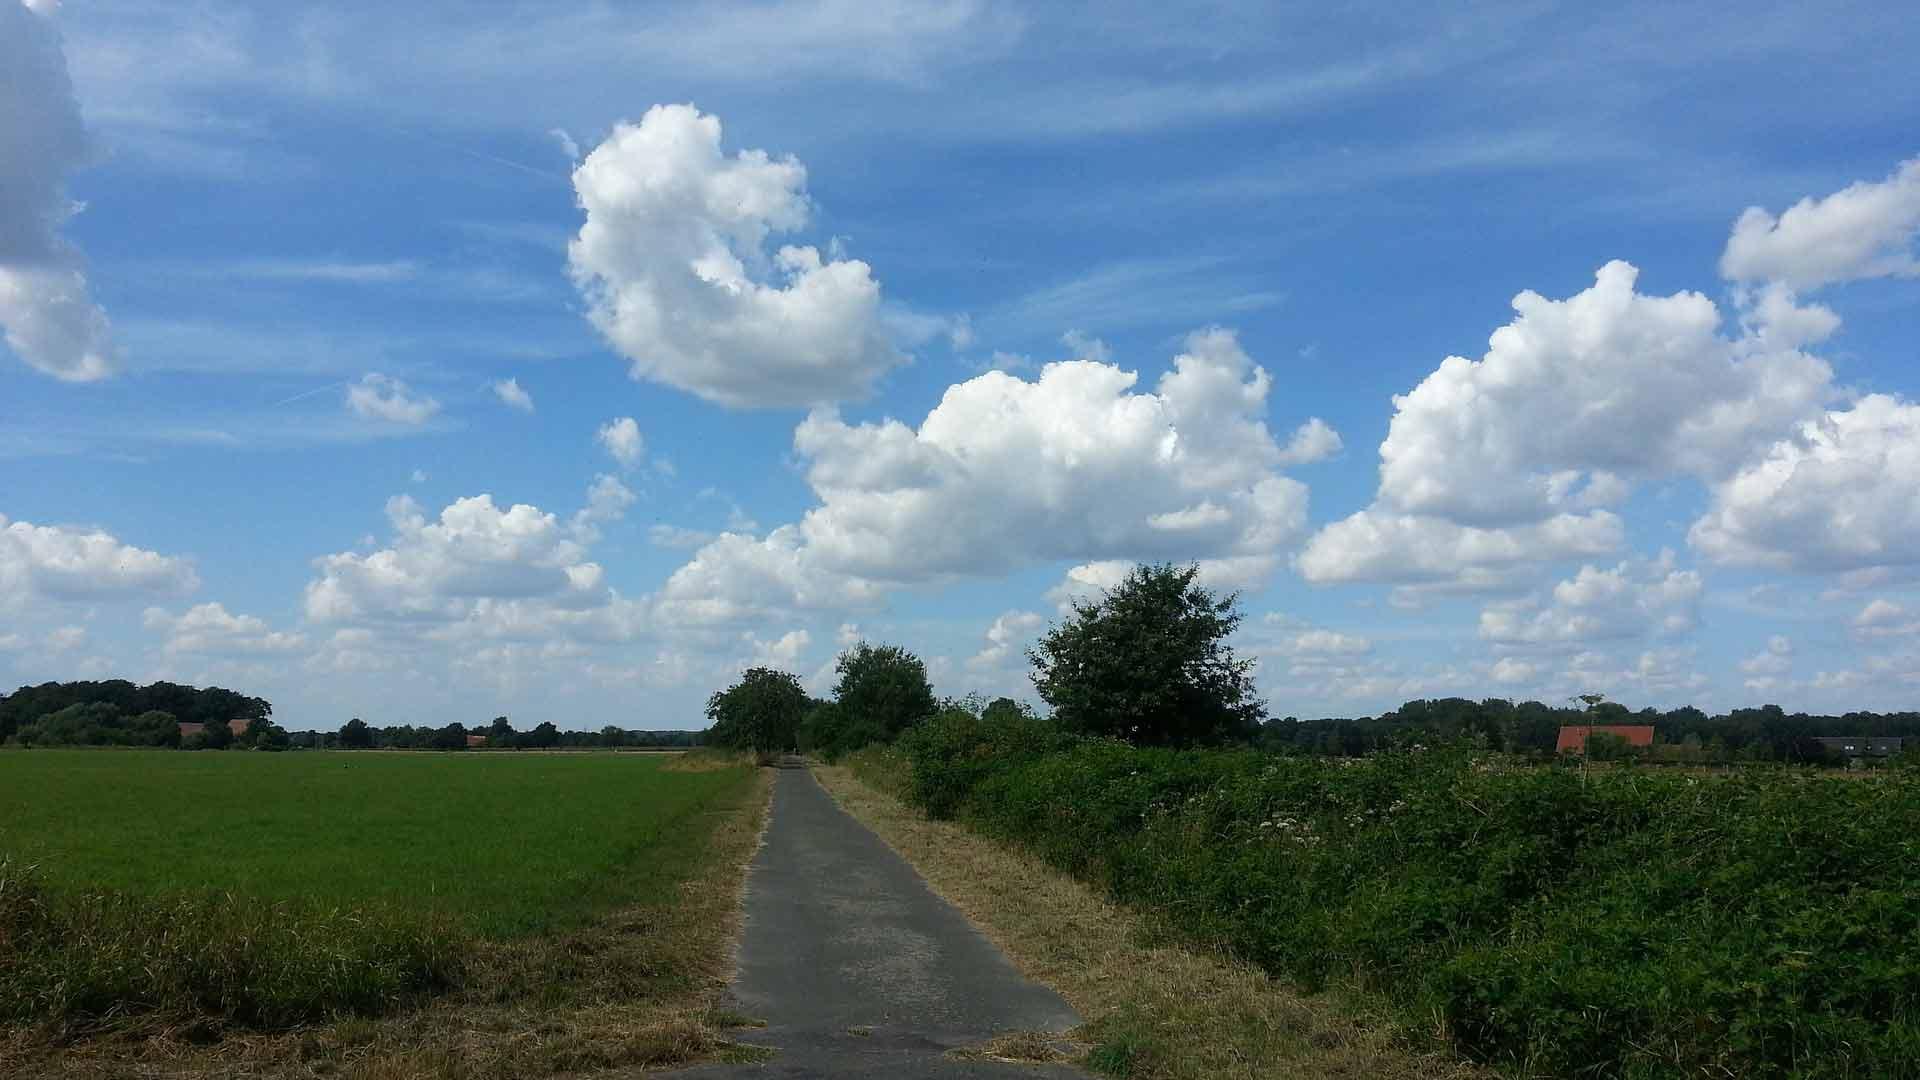 Pättkes, zo worden in het Münsterland dit soort paden genoemd.